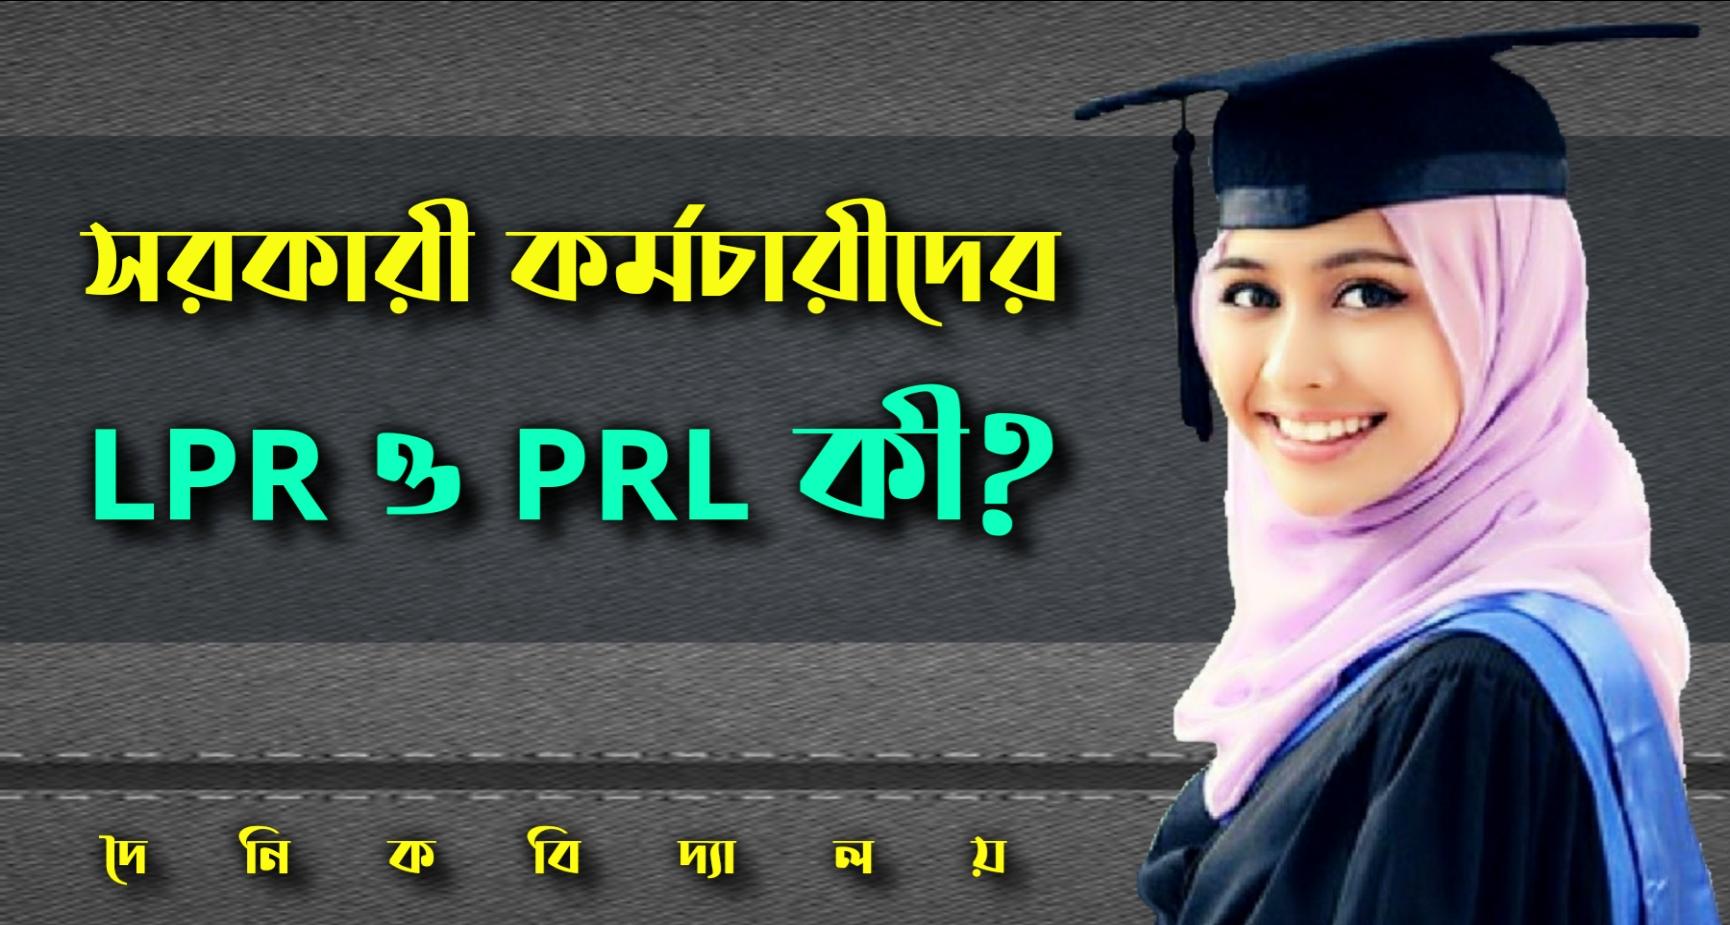 সরকারী কর্মচারীদের  LPR ও PRL কী? কোনটি বর্তমানে চালু আছে?